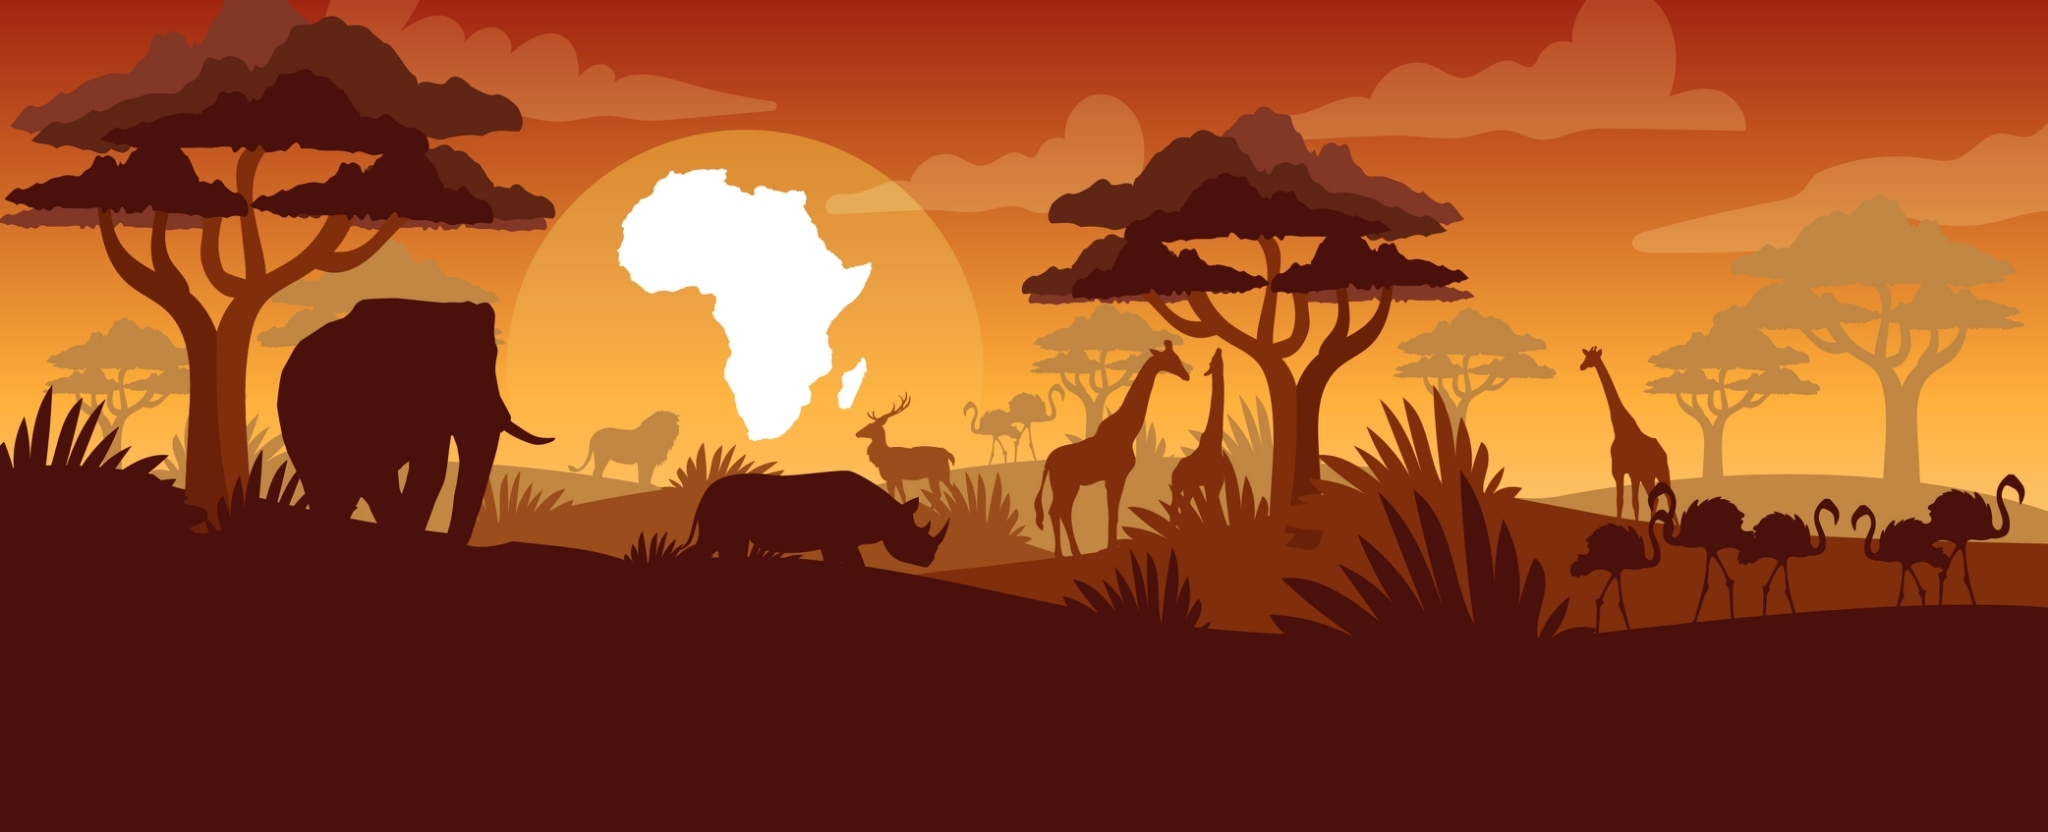 ส่องตลาดข้าวแอฟริกา : ไนจีเรีย เบนิน และเซเนกัล...